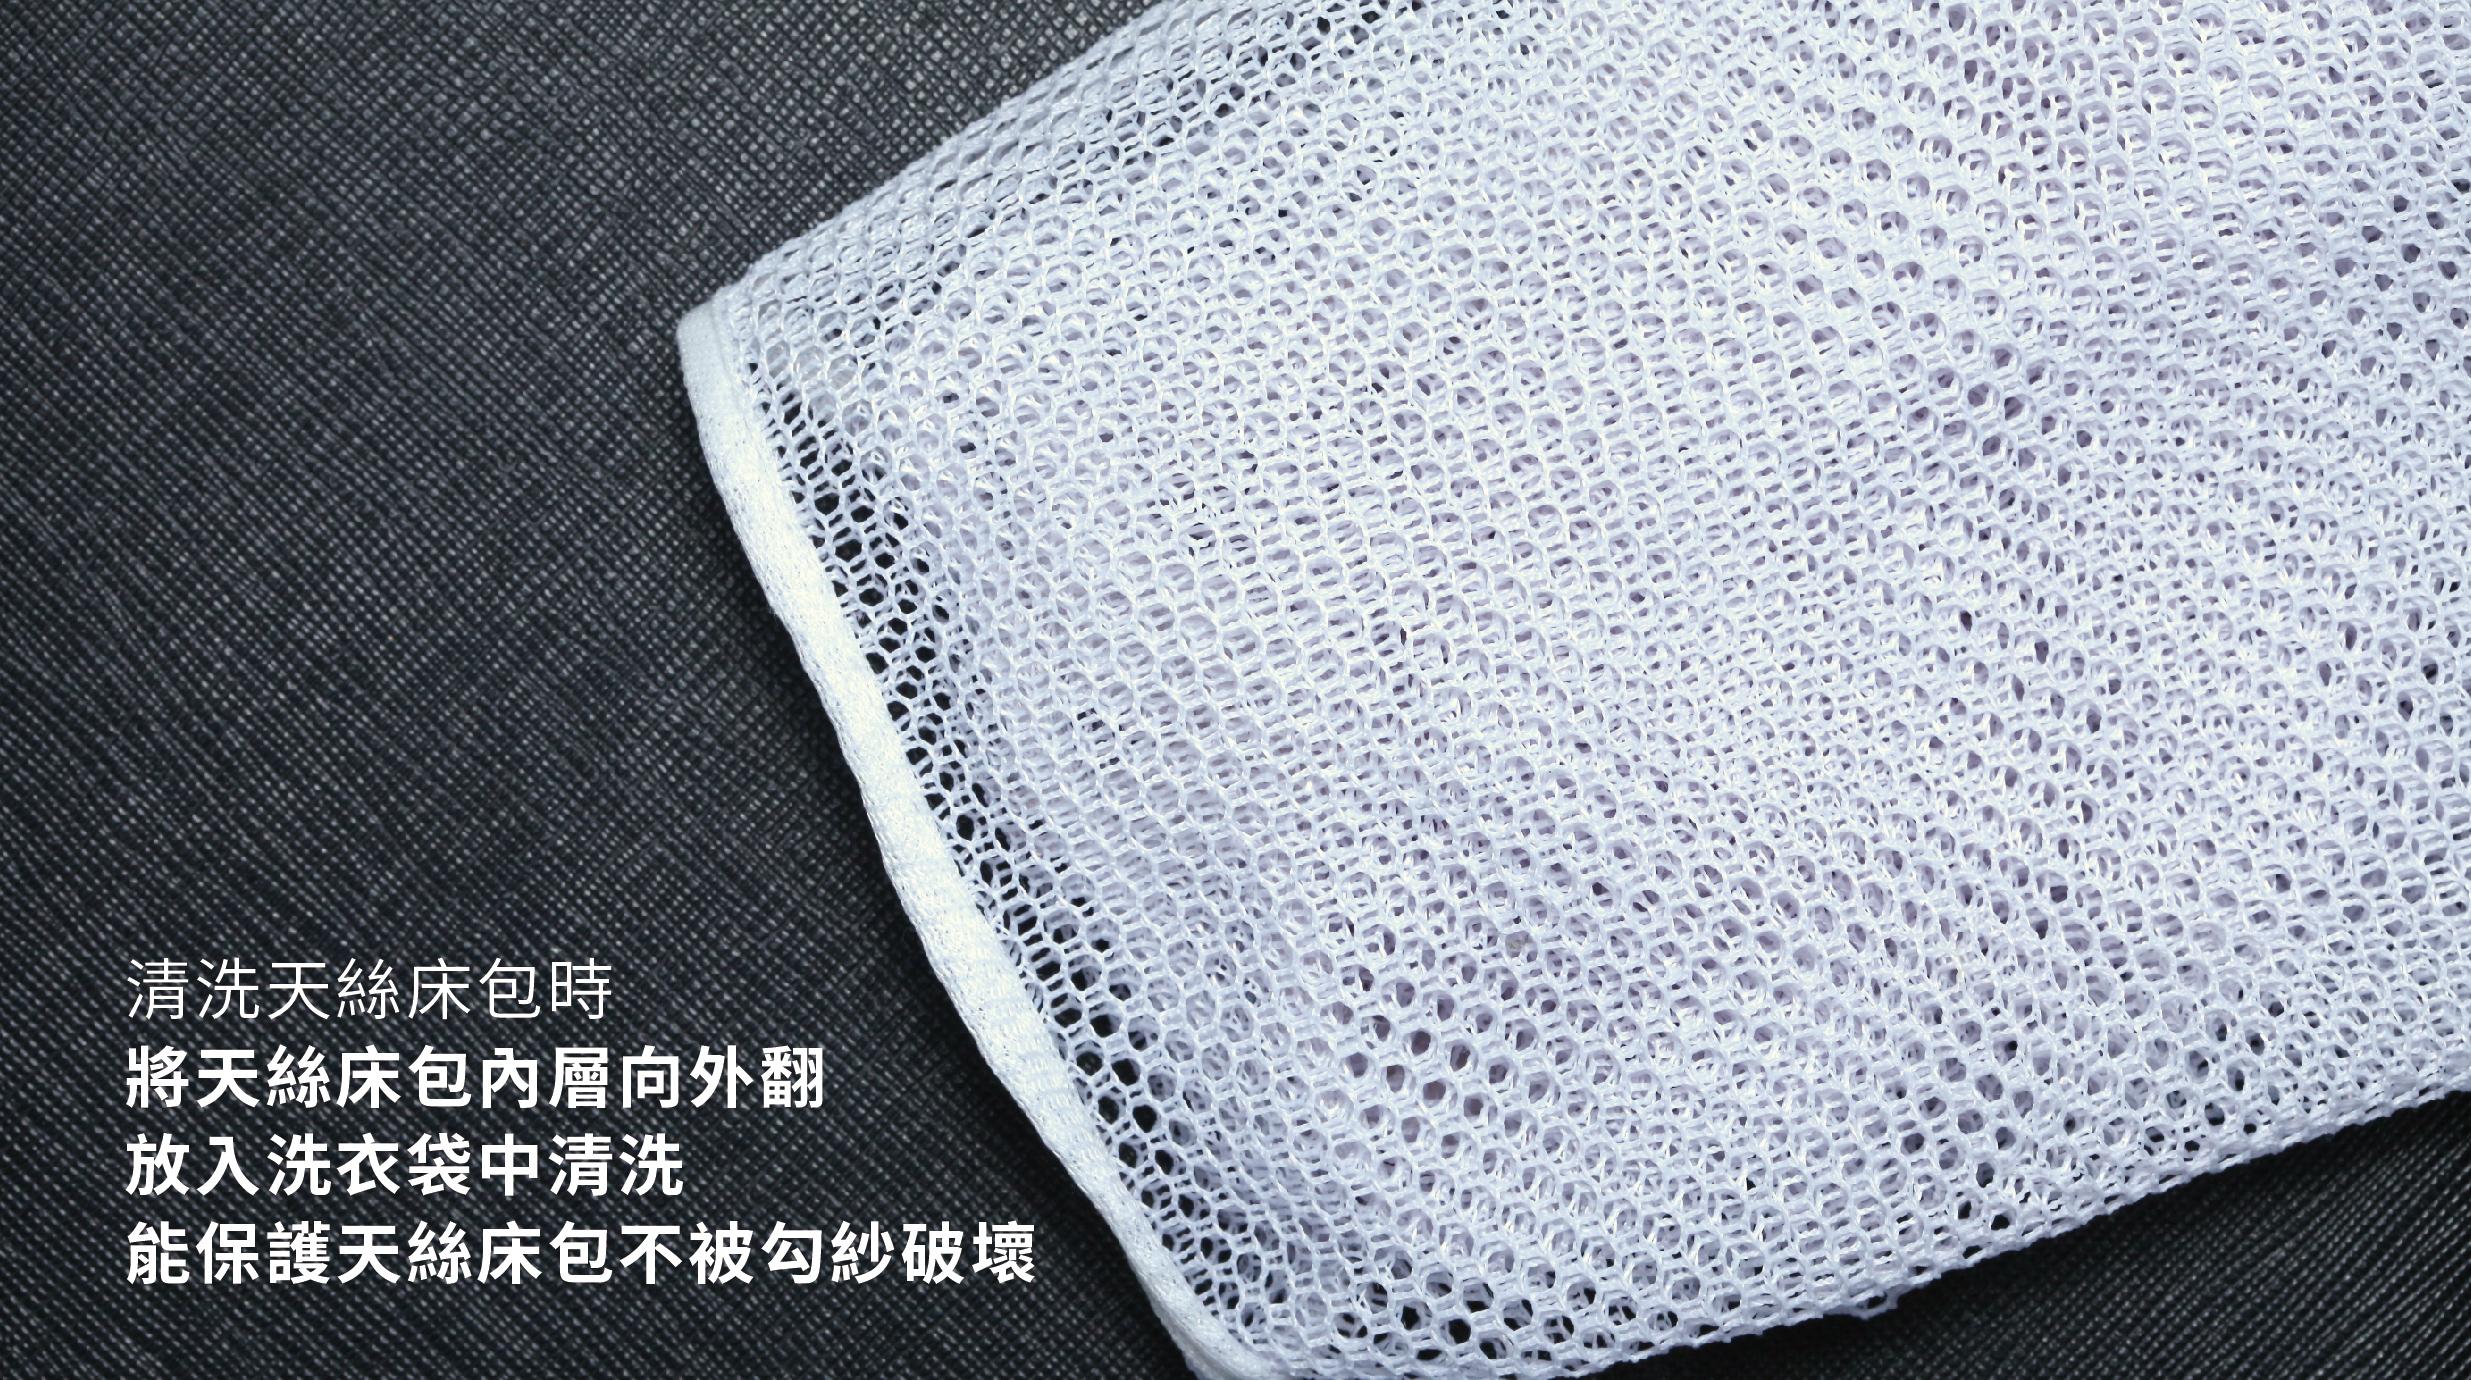 1091030 天絲床包 天絲床包清洗需放入洗衣網中